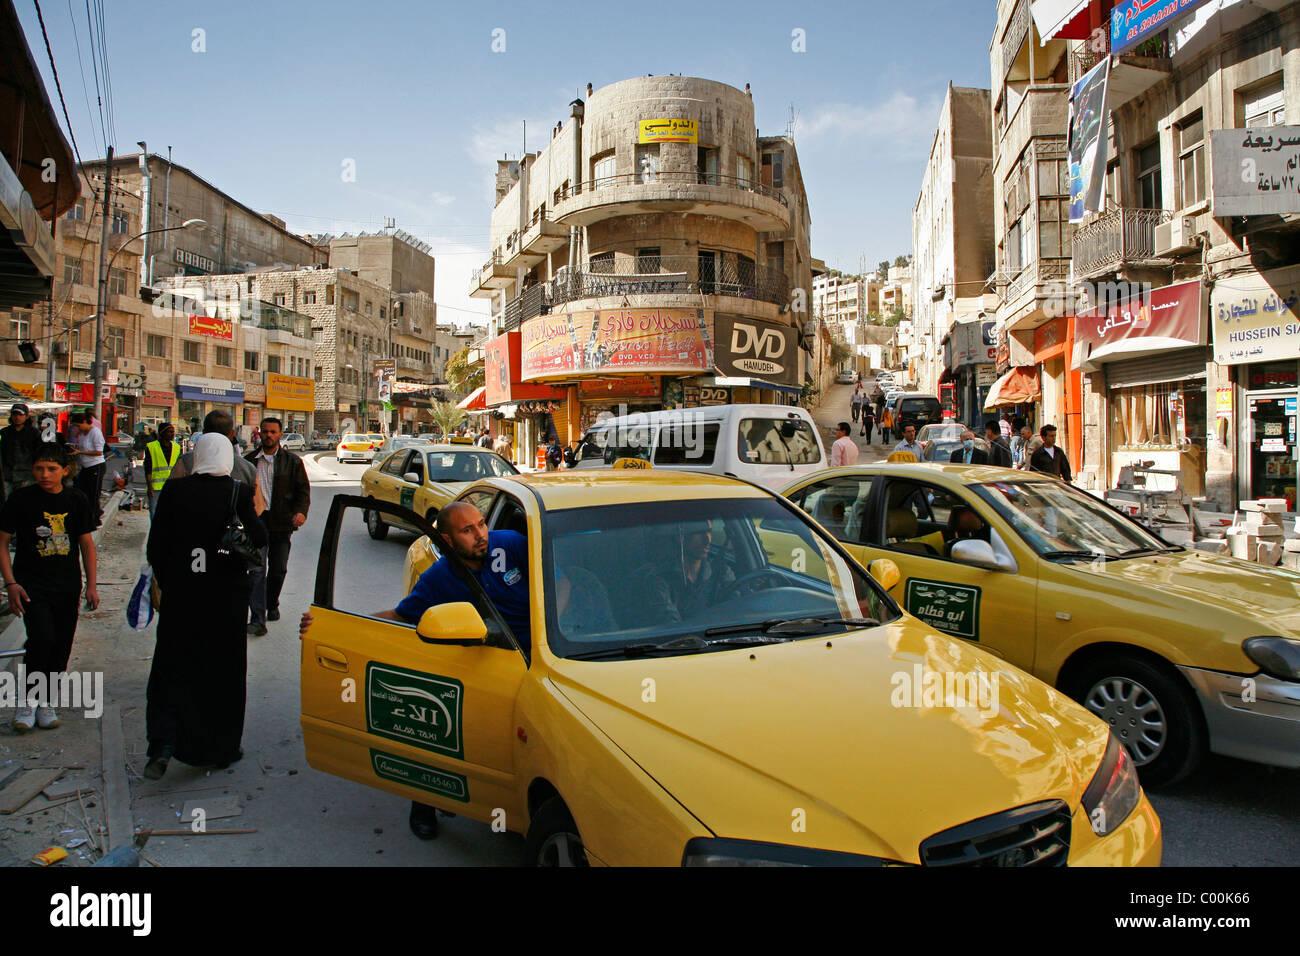 Scena di traffico nel centro di Amman, Giordania. Immagini Stock